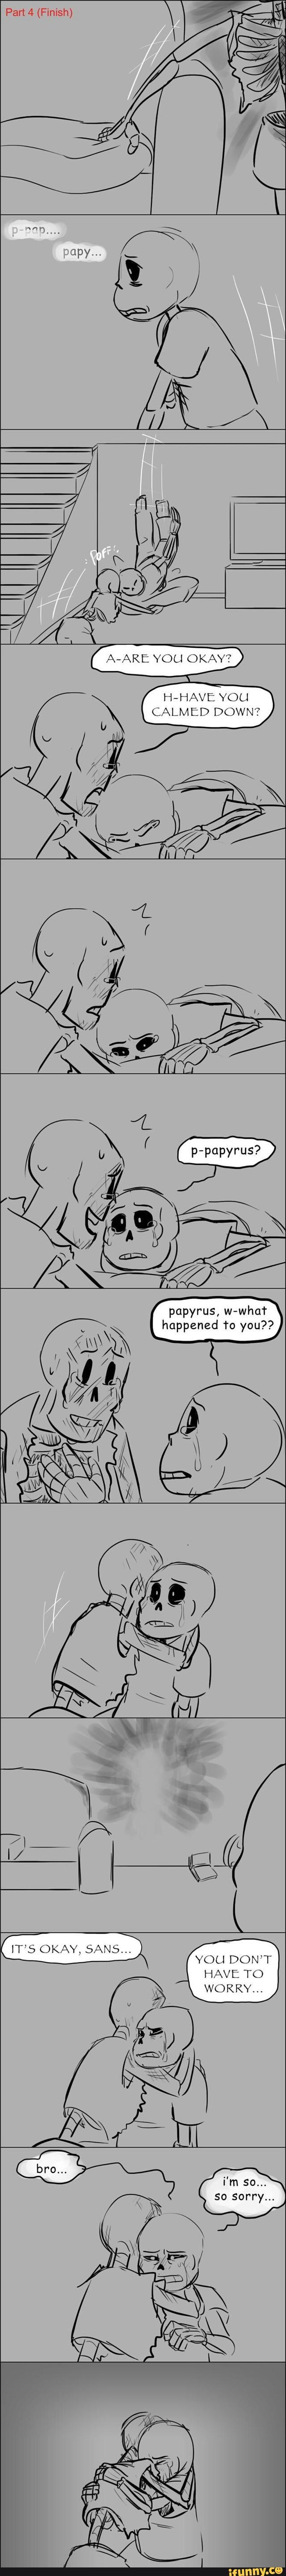 sans, papyrus, undertale